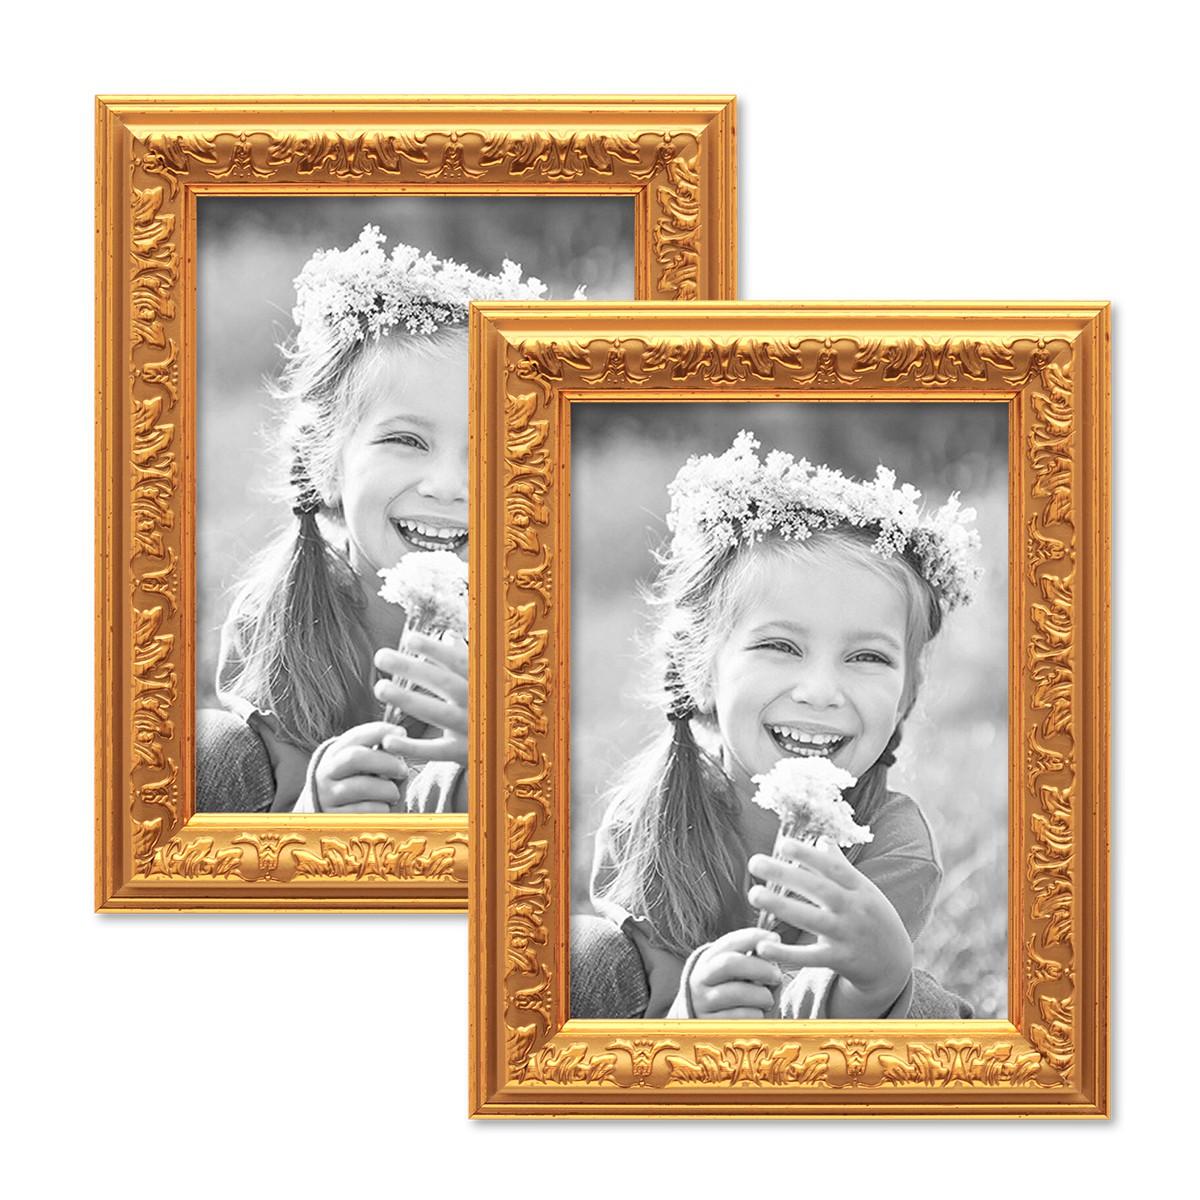 2er Set Bilderrahmen Antik Gold Nostalgie 10x15 cm Fotorahmen mit ...